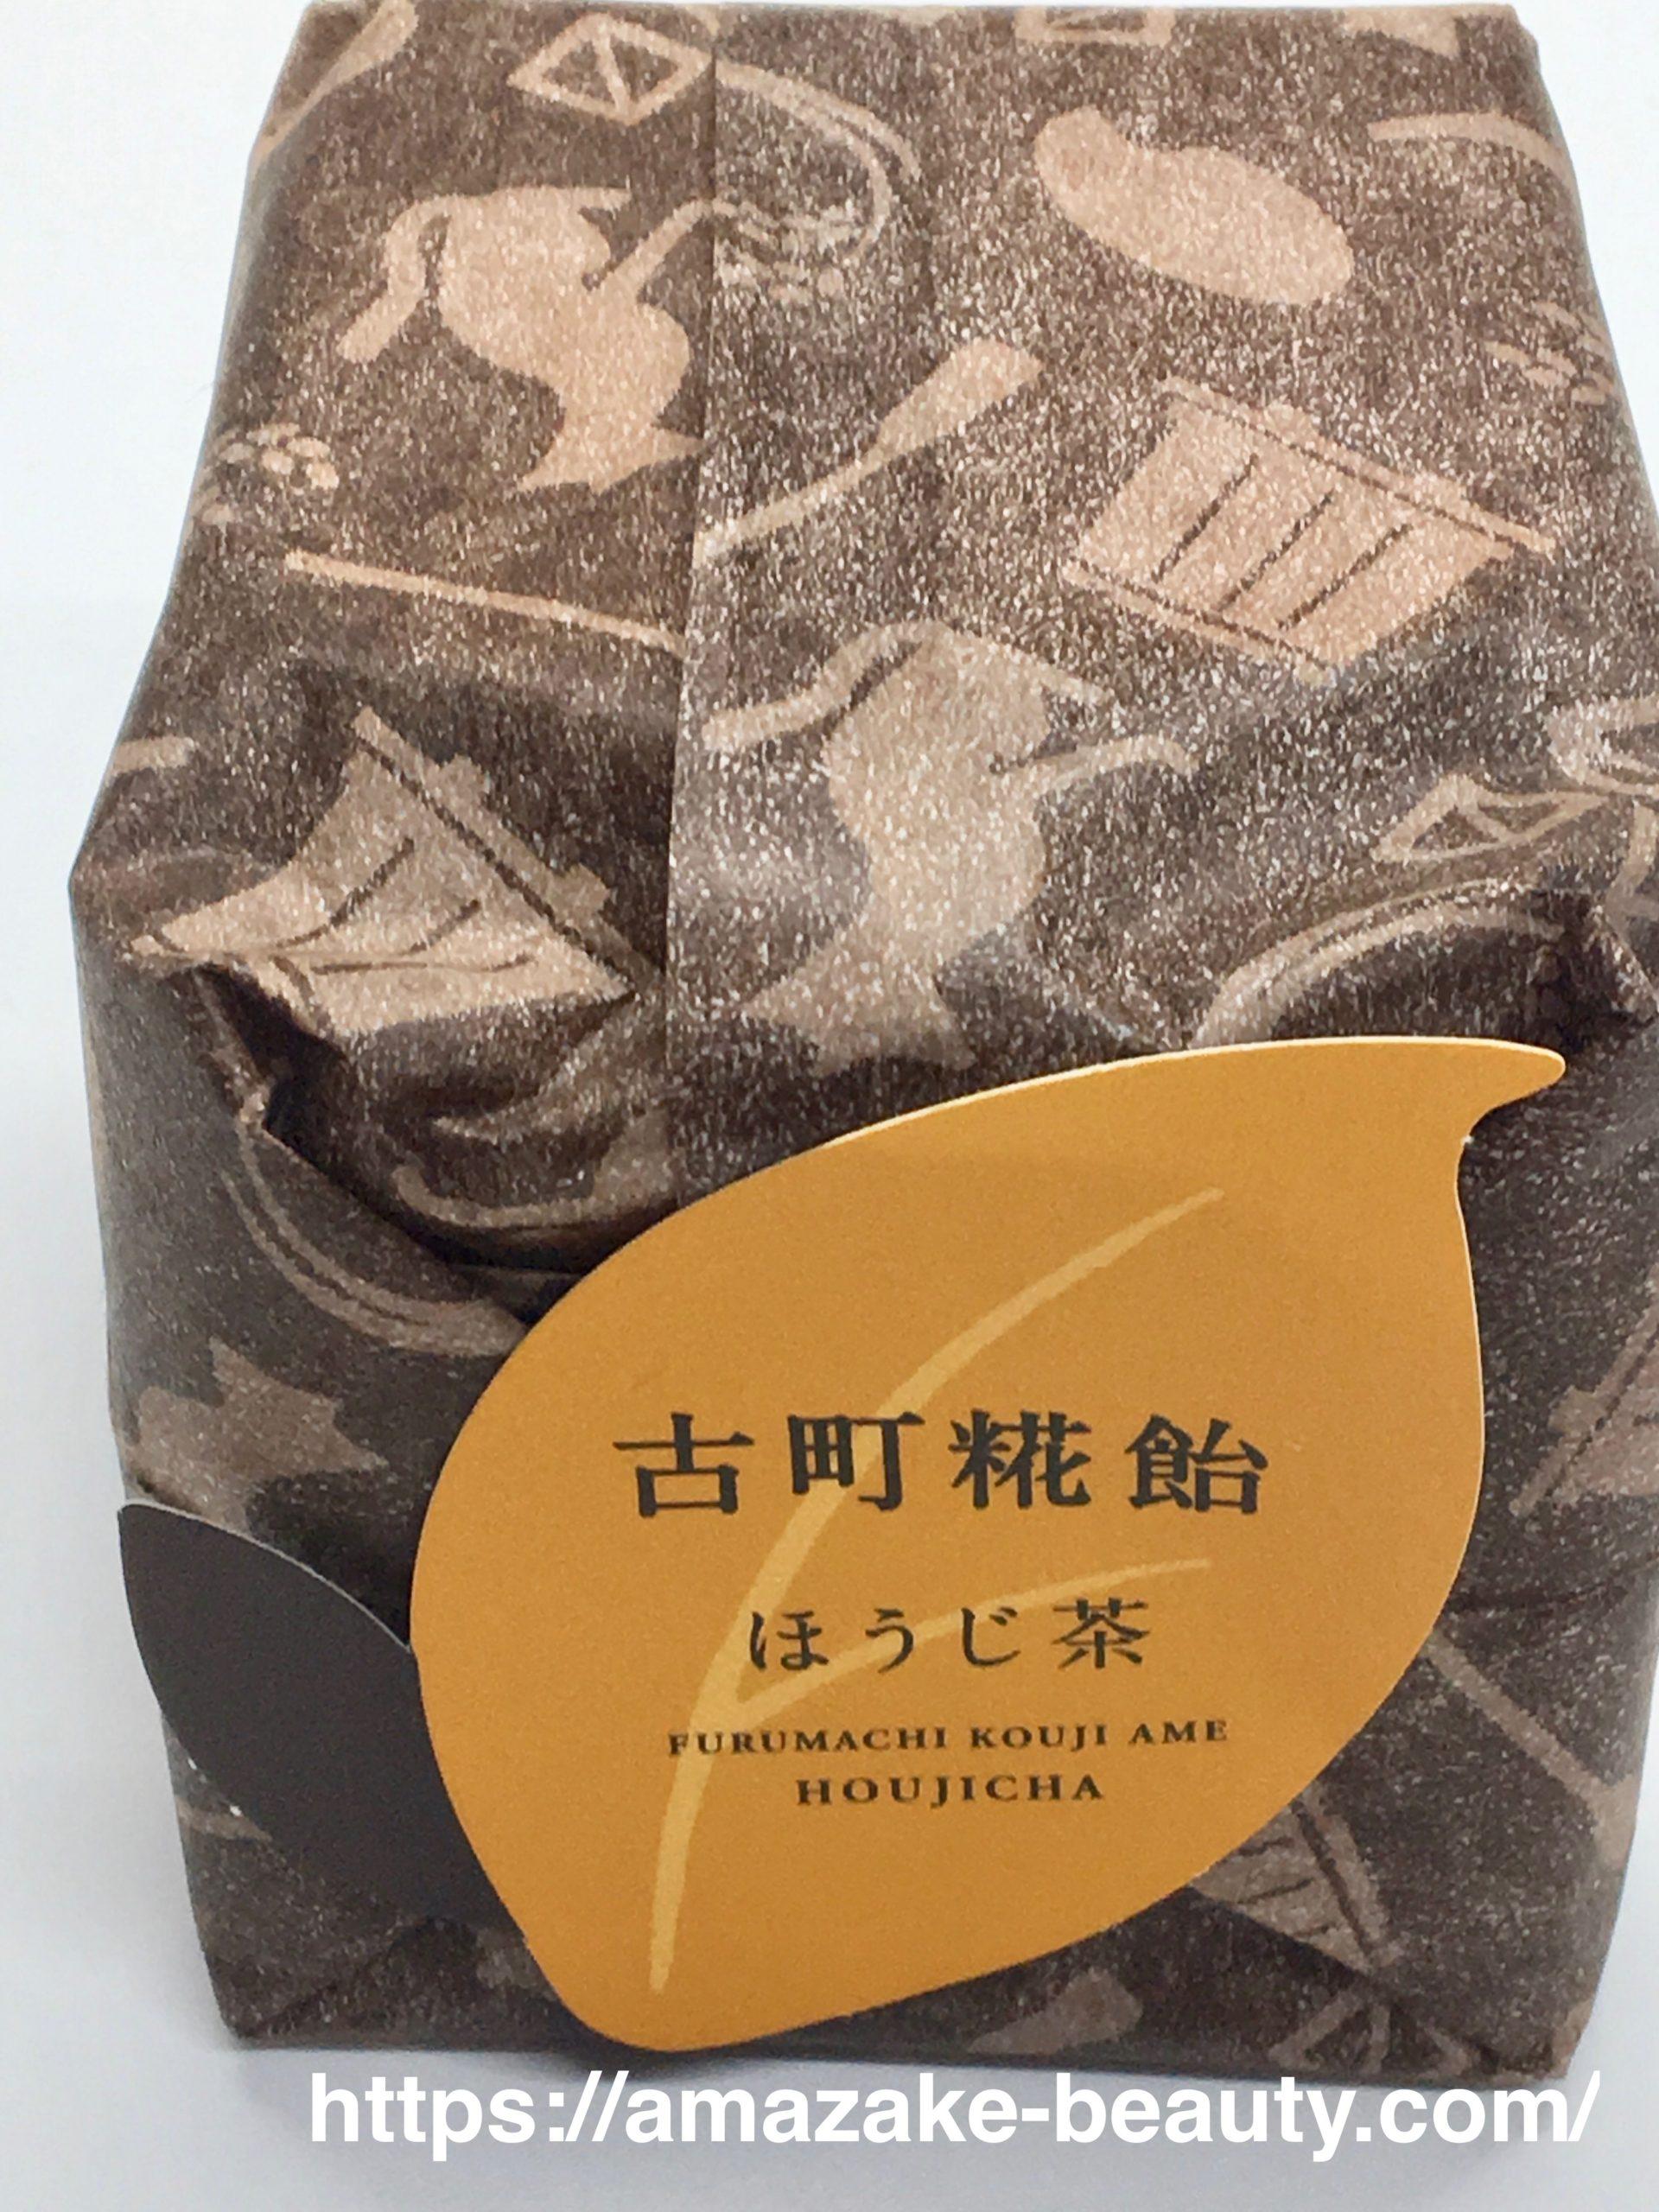 【甘酒甘味】古町糀製造所『古町糀飴(ほうじ茶)』(ラベルデザイン)